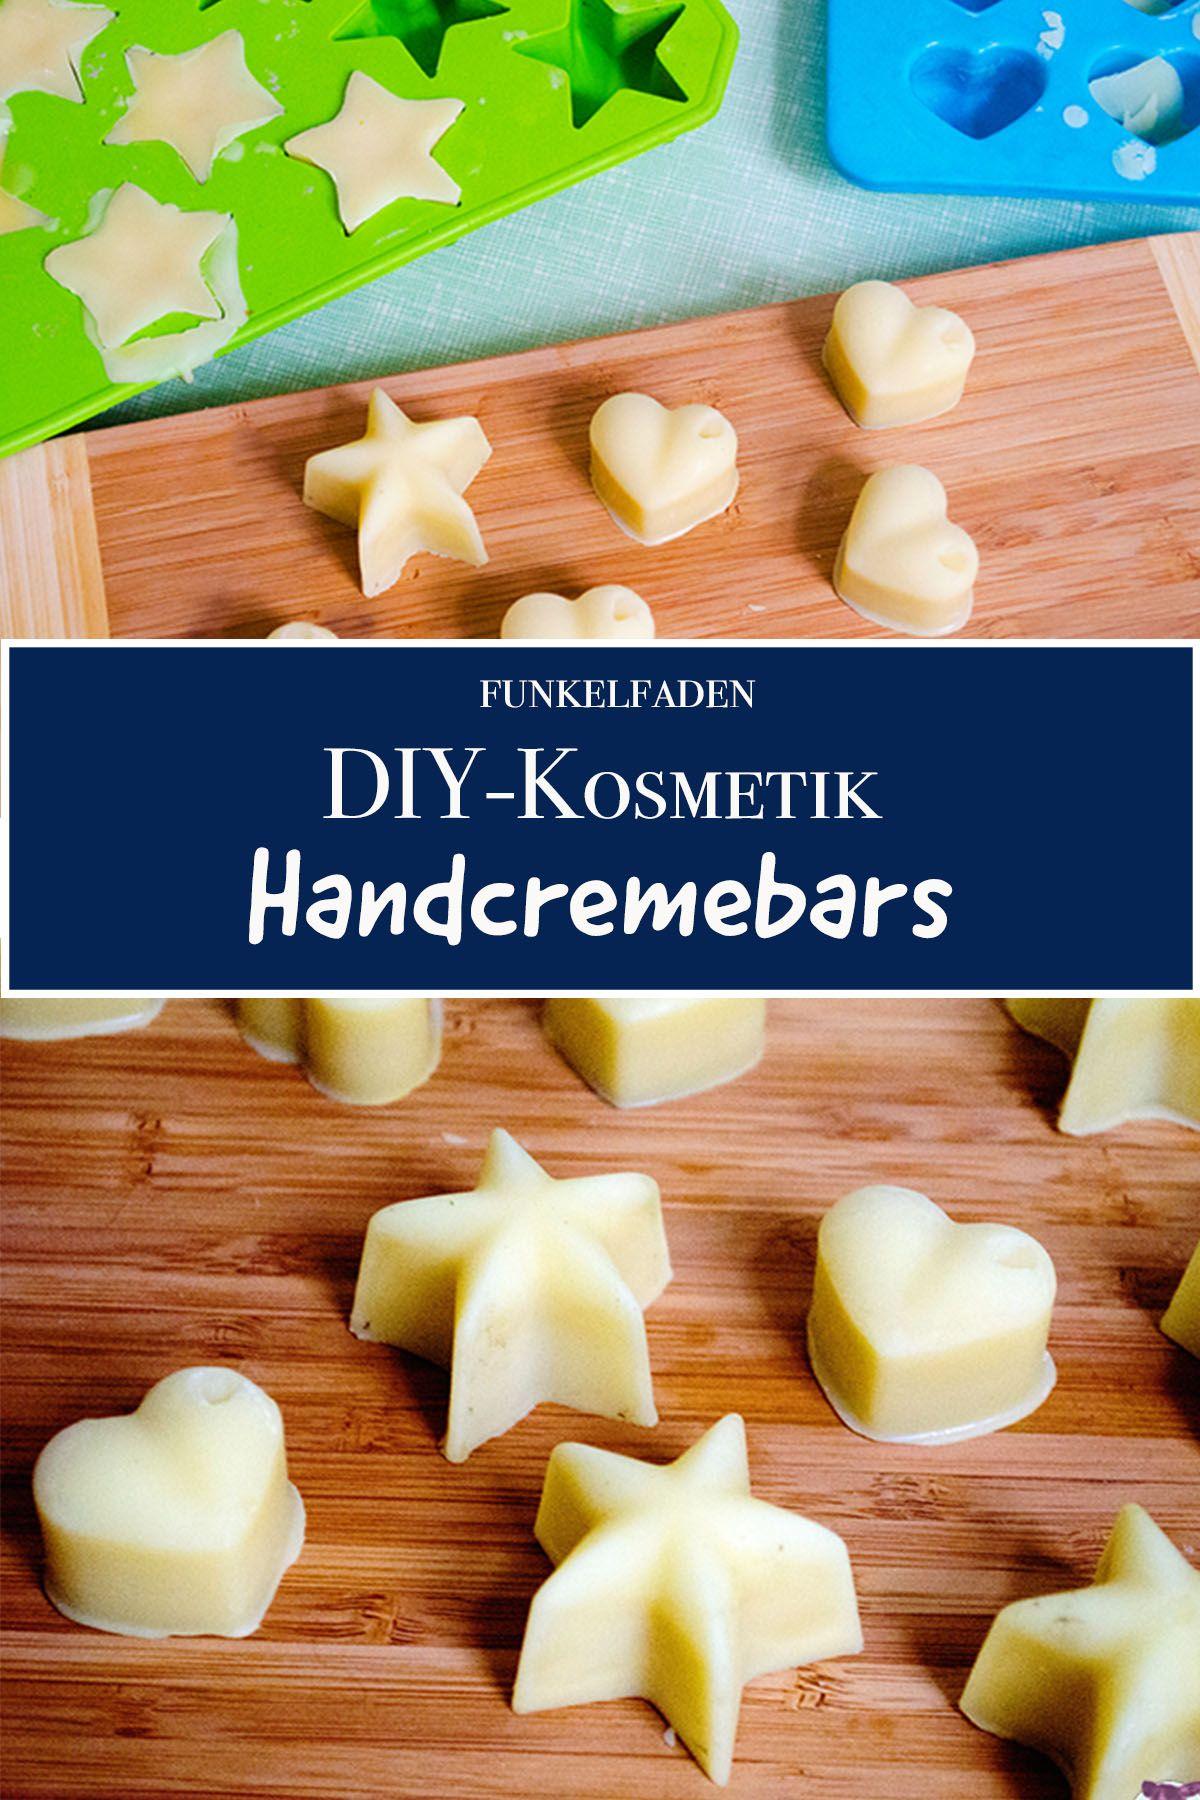 Photo of DIY – Handcremebars selbermachen – Funkelfaden